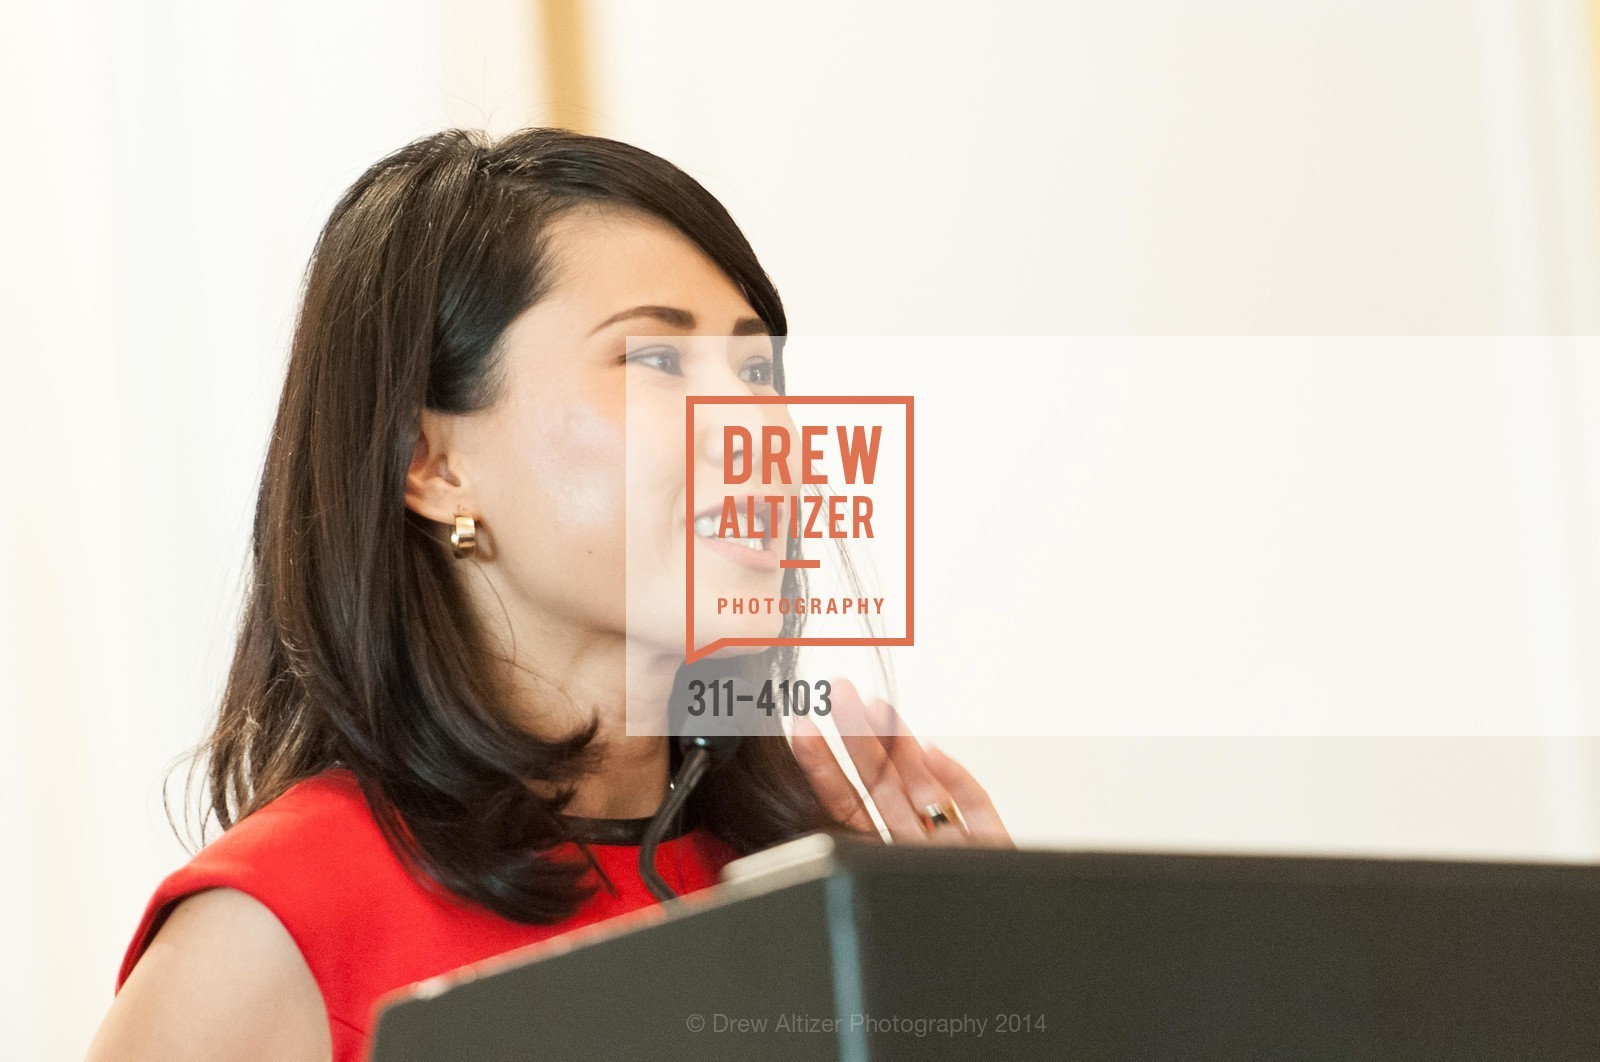 Vicky Nguyen, Photo #311-4103